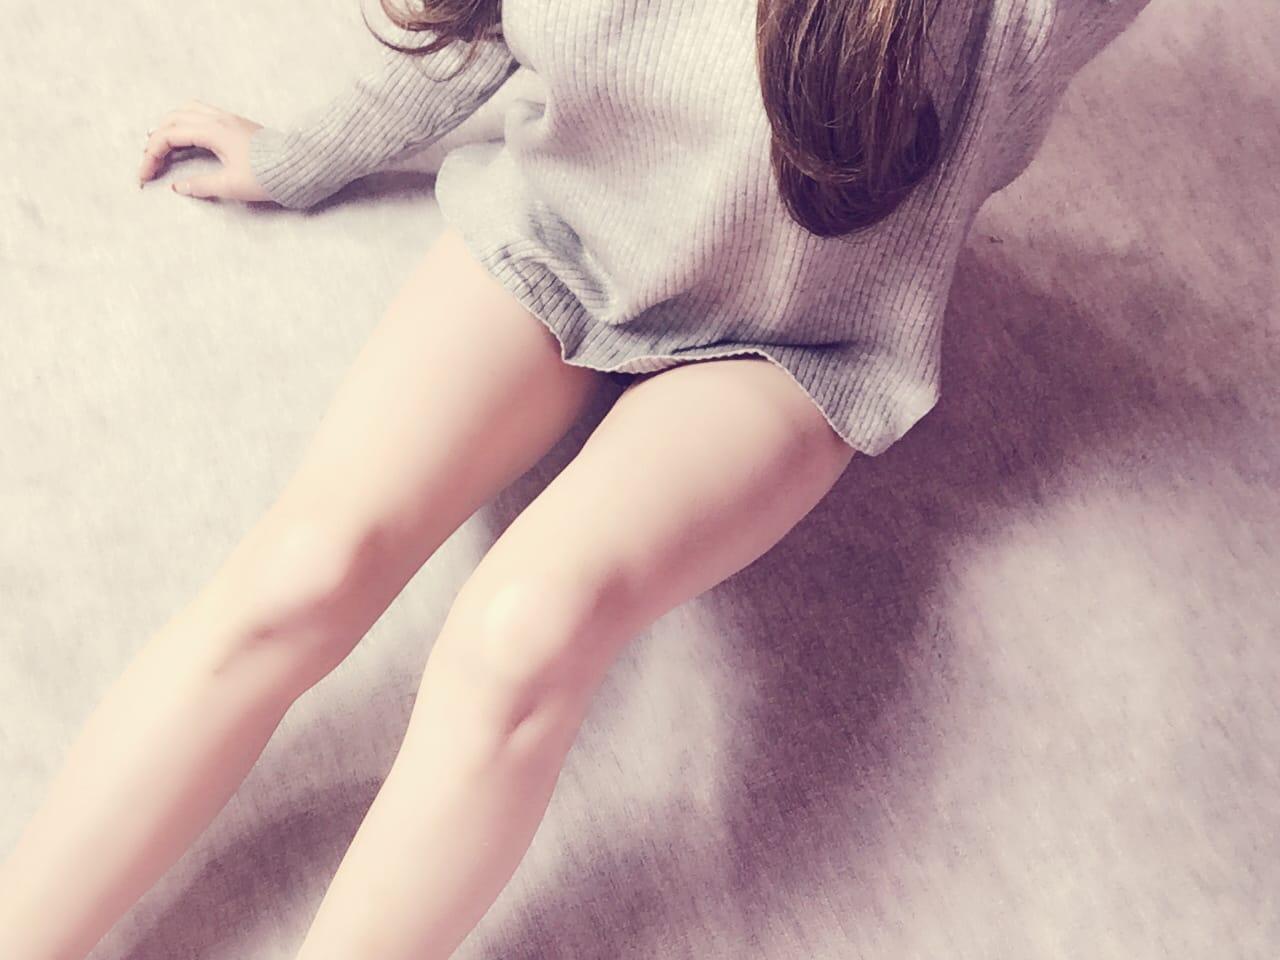 「お礼昨日の続き→」03/11(03/11) 22:44 | シズクの写メ・風俗動画